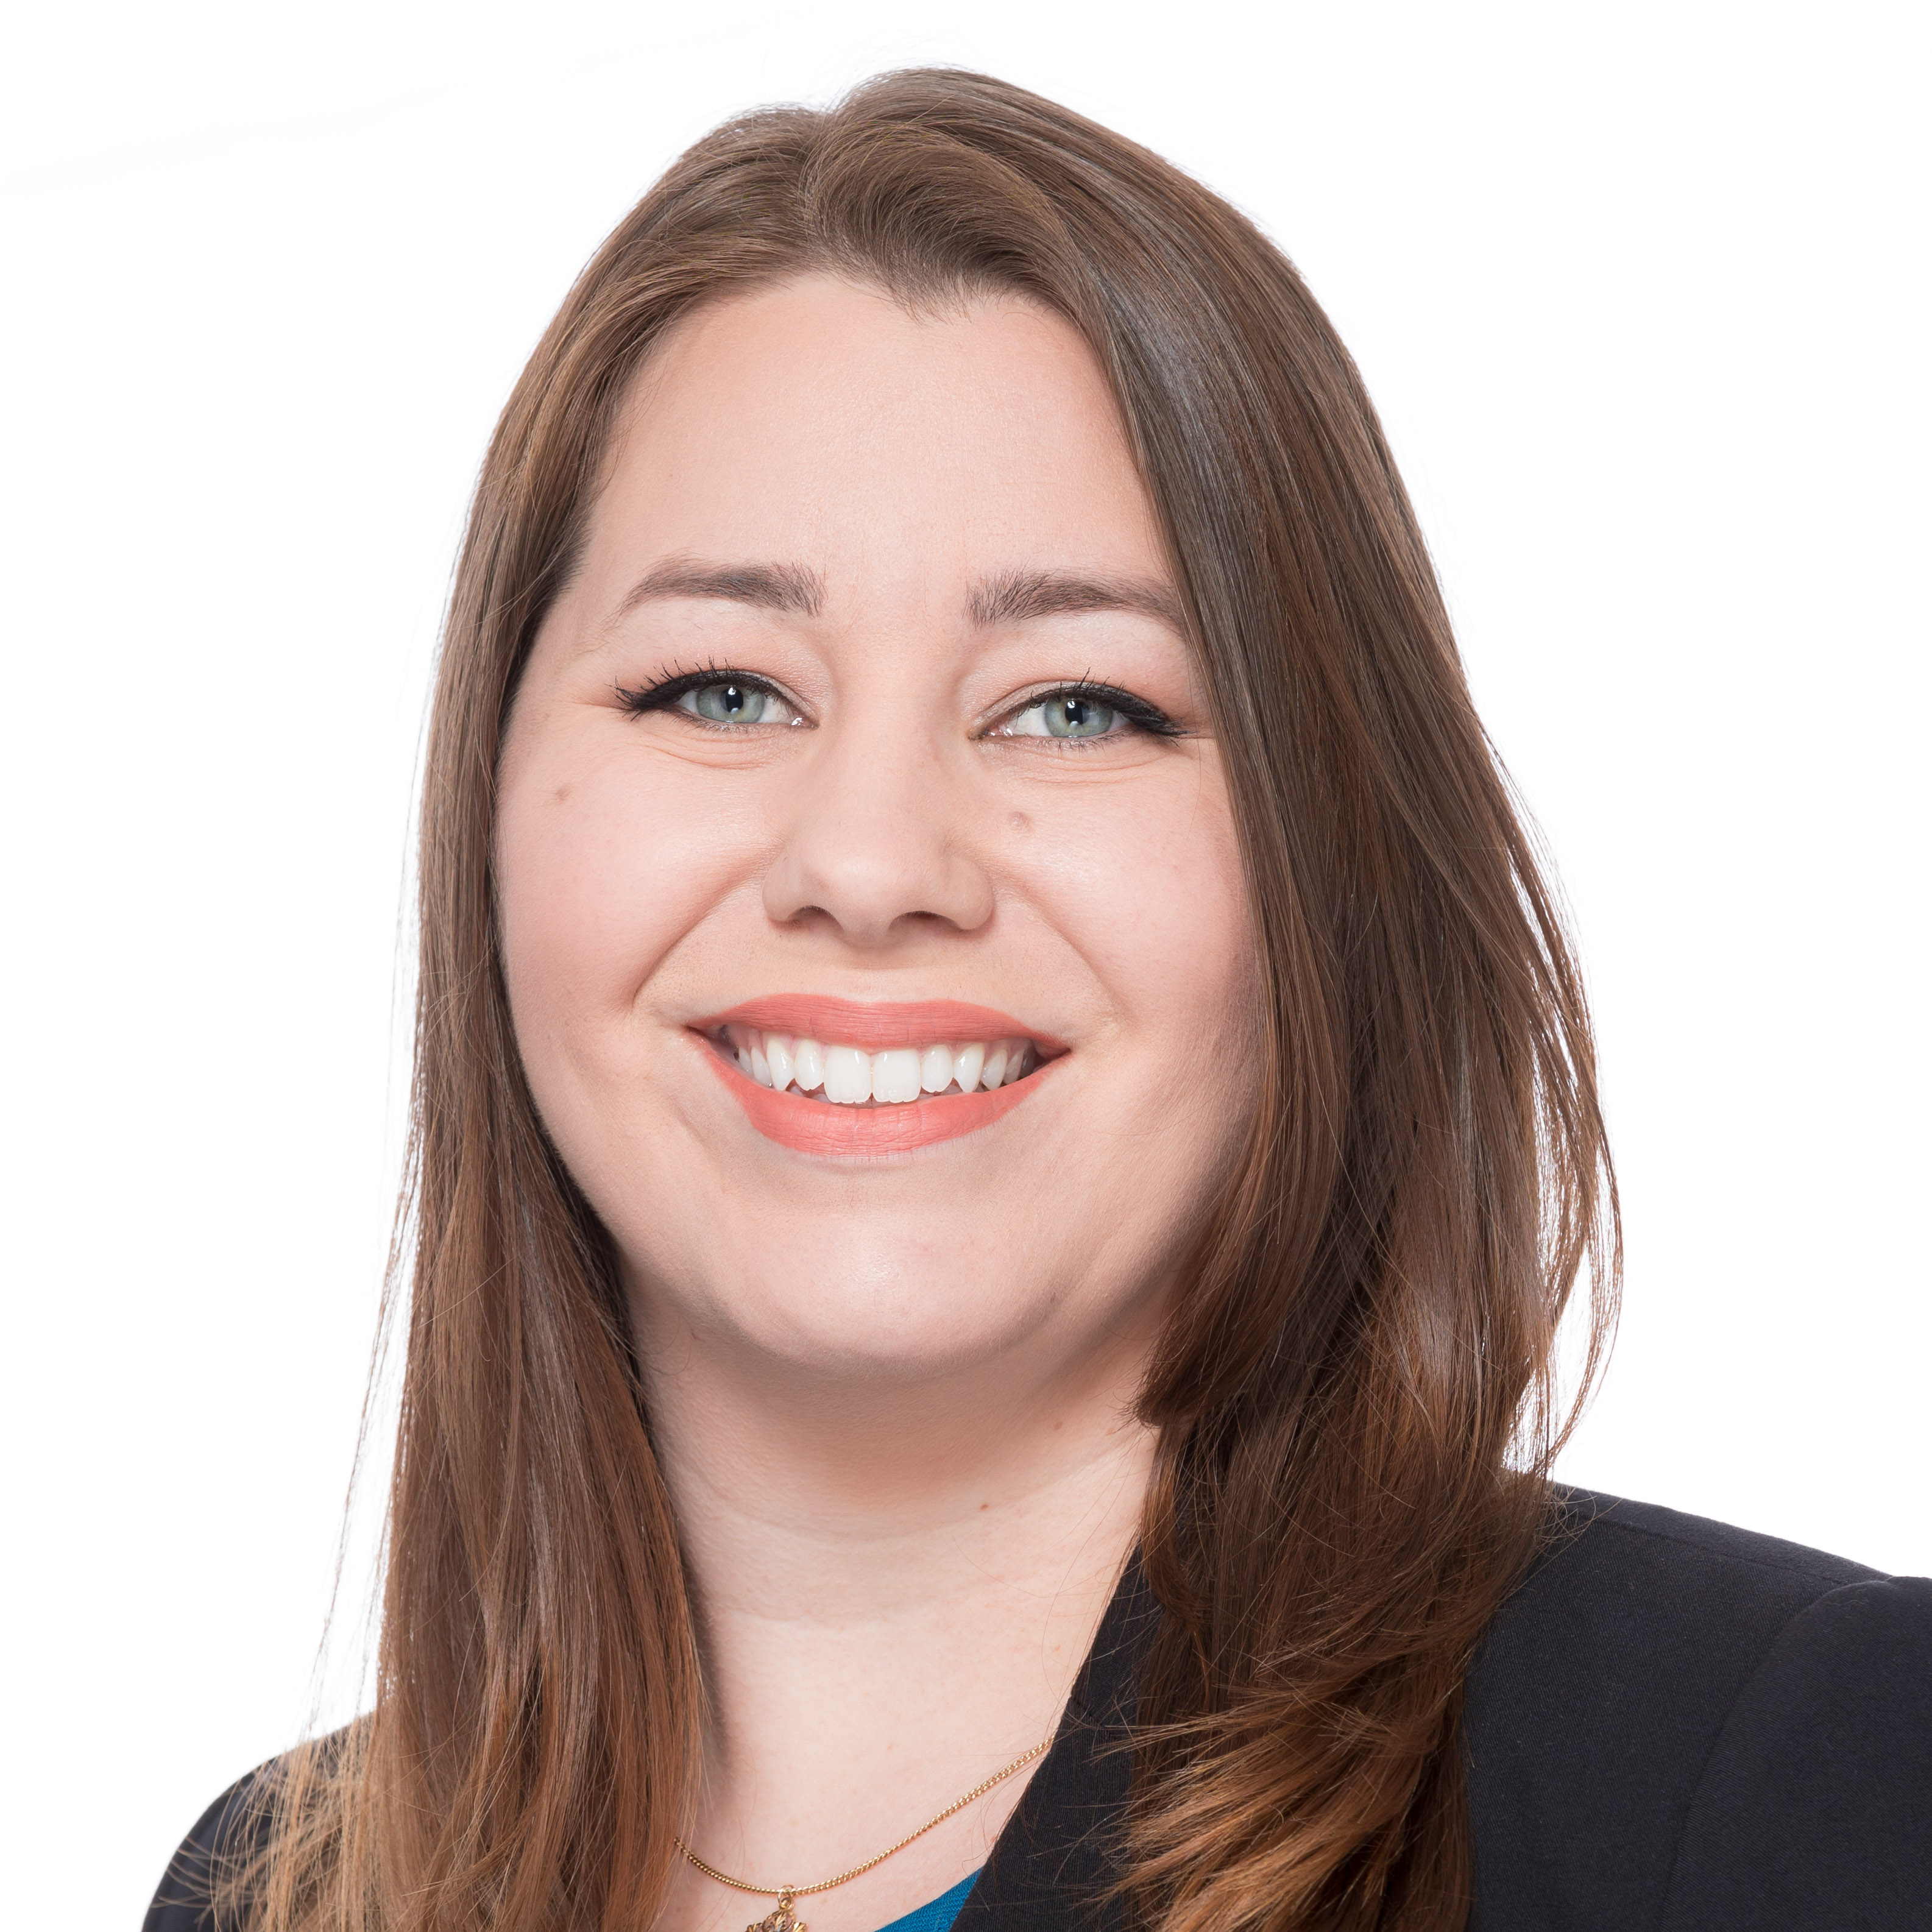 Amanda Pillar